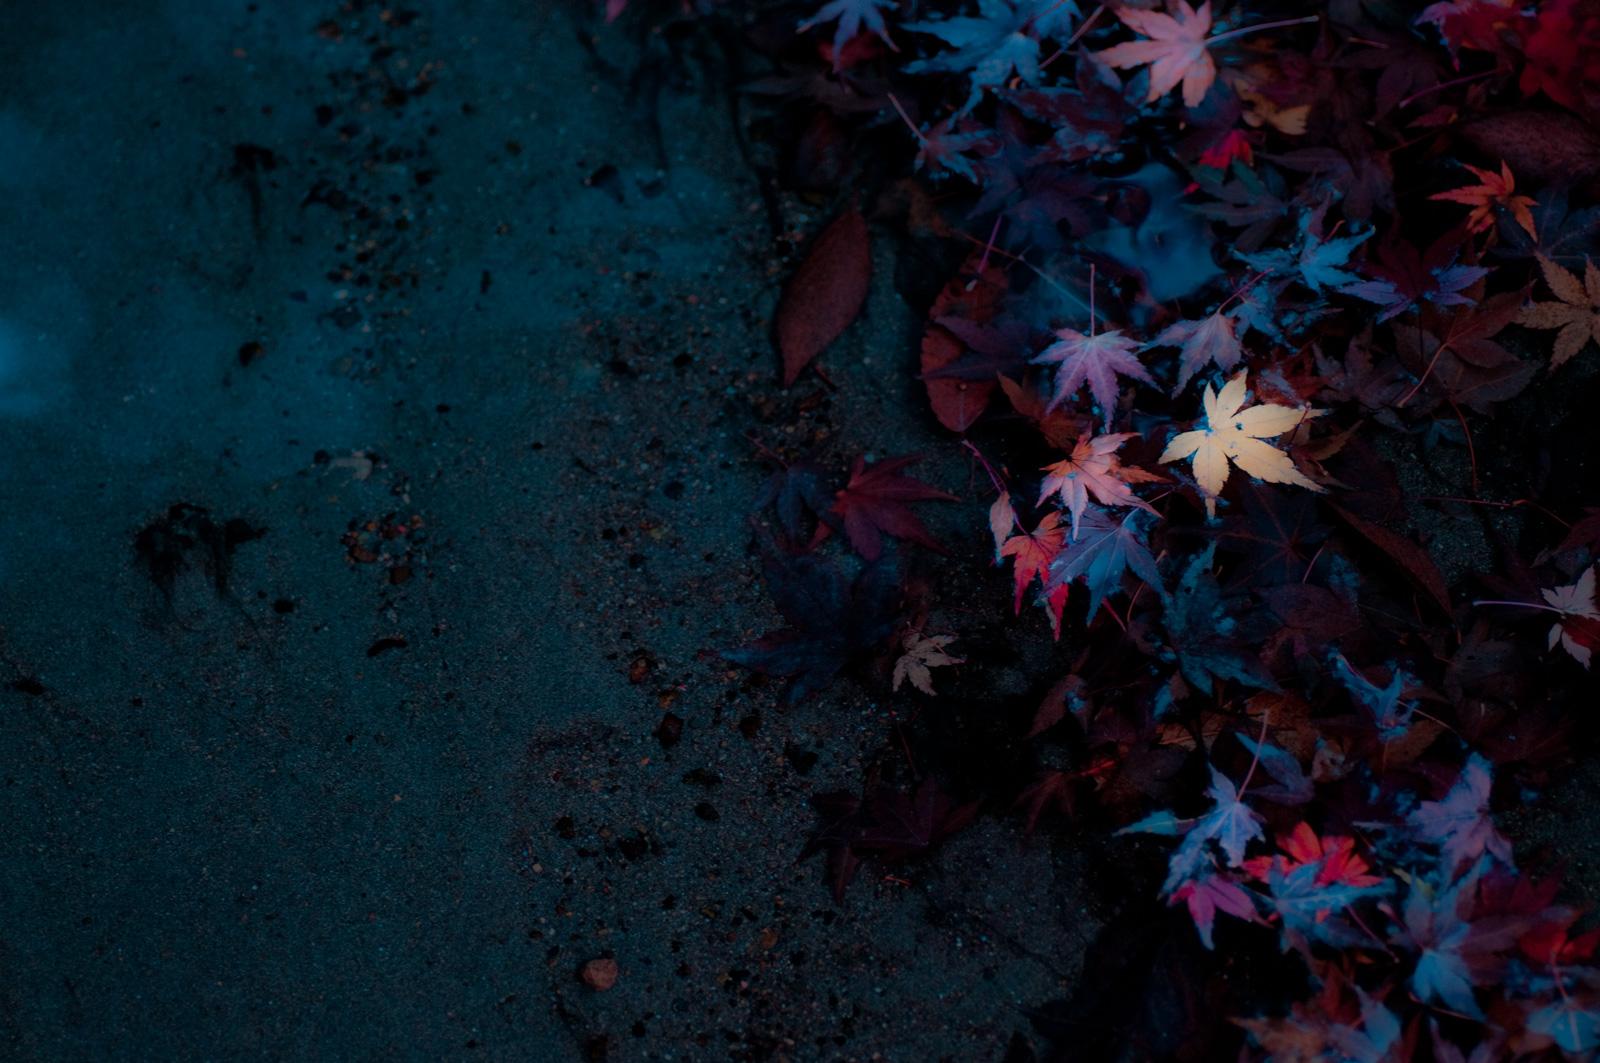 2017年、今年の秋はどこの紅葉を撮りに行ってみようかな【関東周辺編】